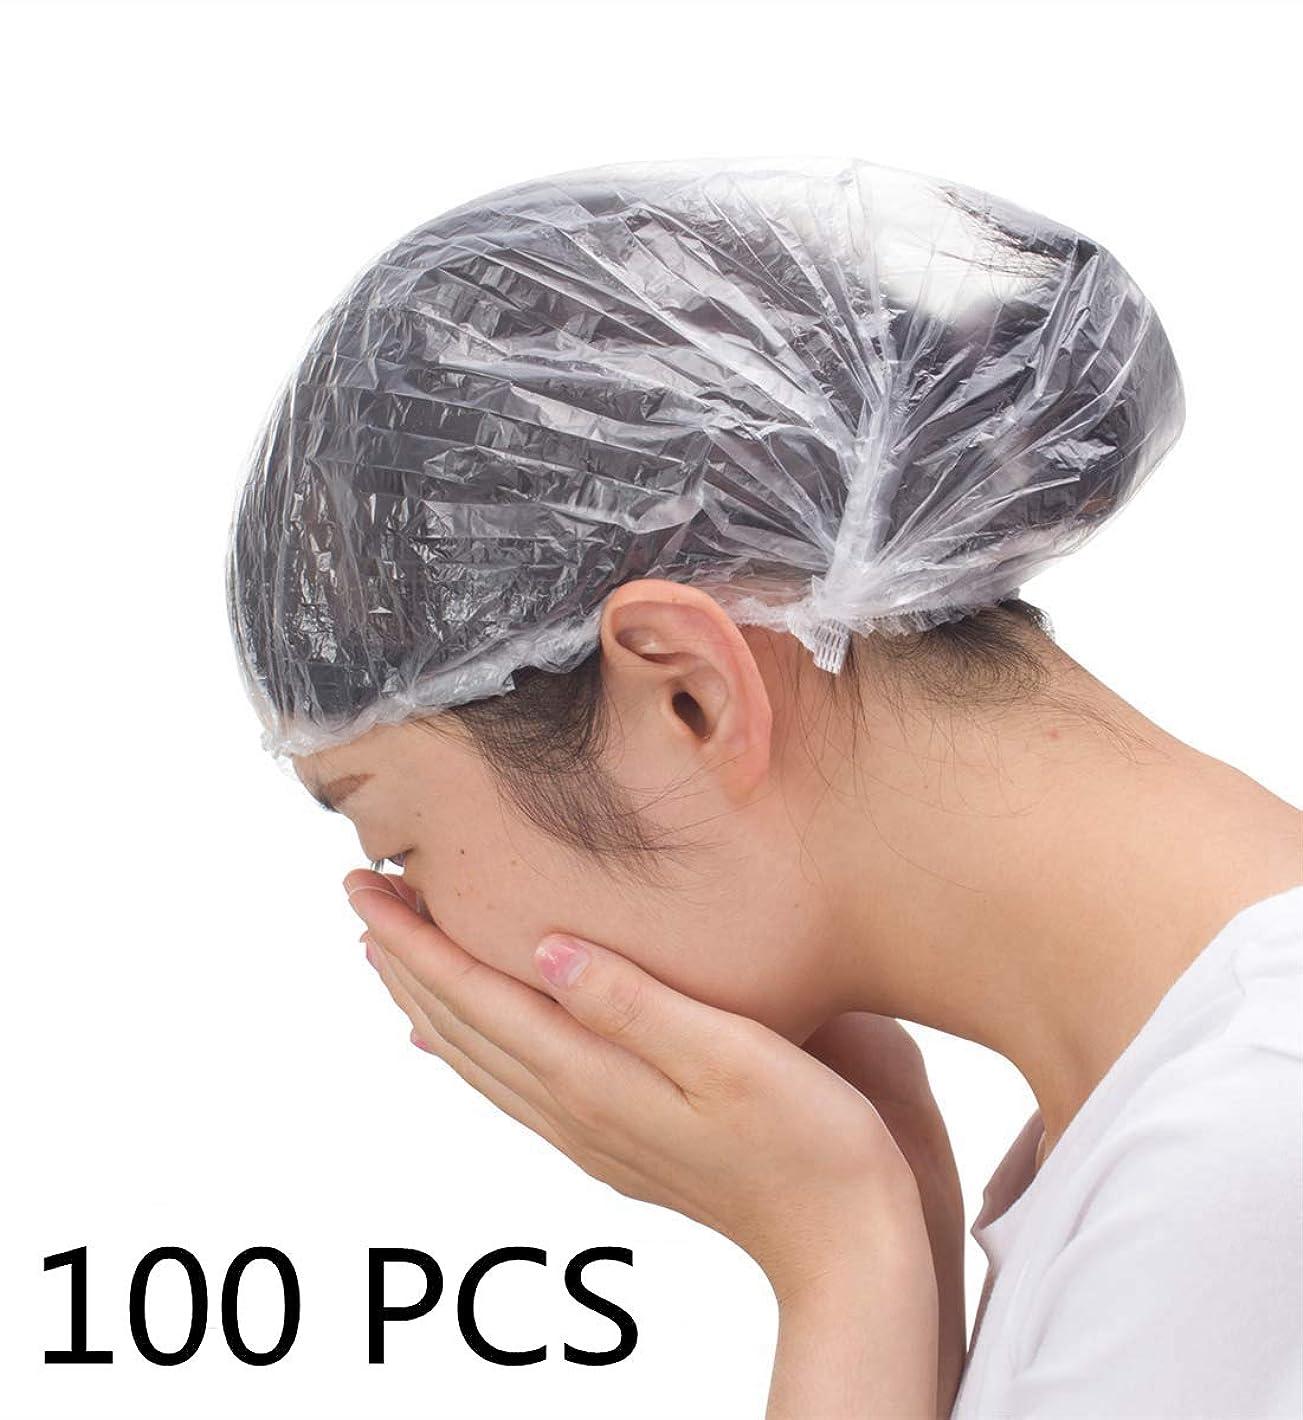 世紀安心わがまま使い捨てのシャワーキャップ100個、髪を保護するためのプラスチック製のシャワーキャップ、サロン用ヘアカバー、スパ、ホテル、シャワー、個別に包まれた、透明